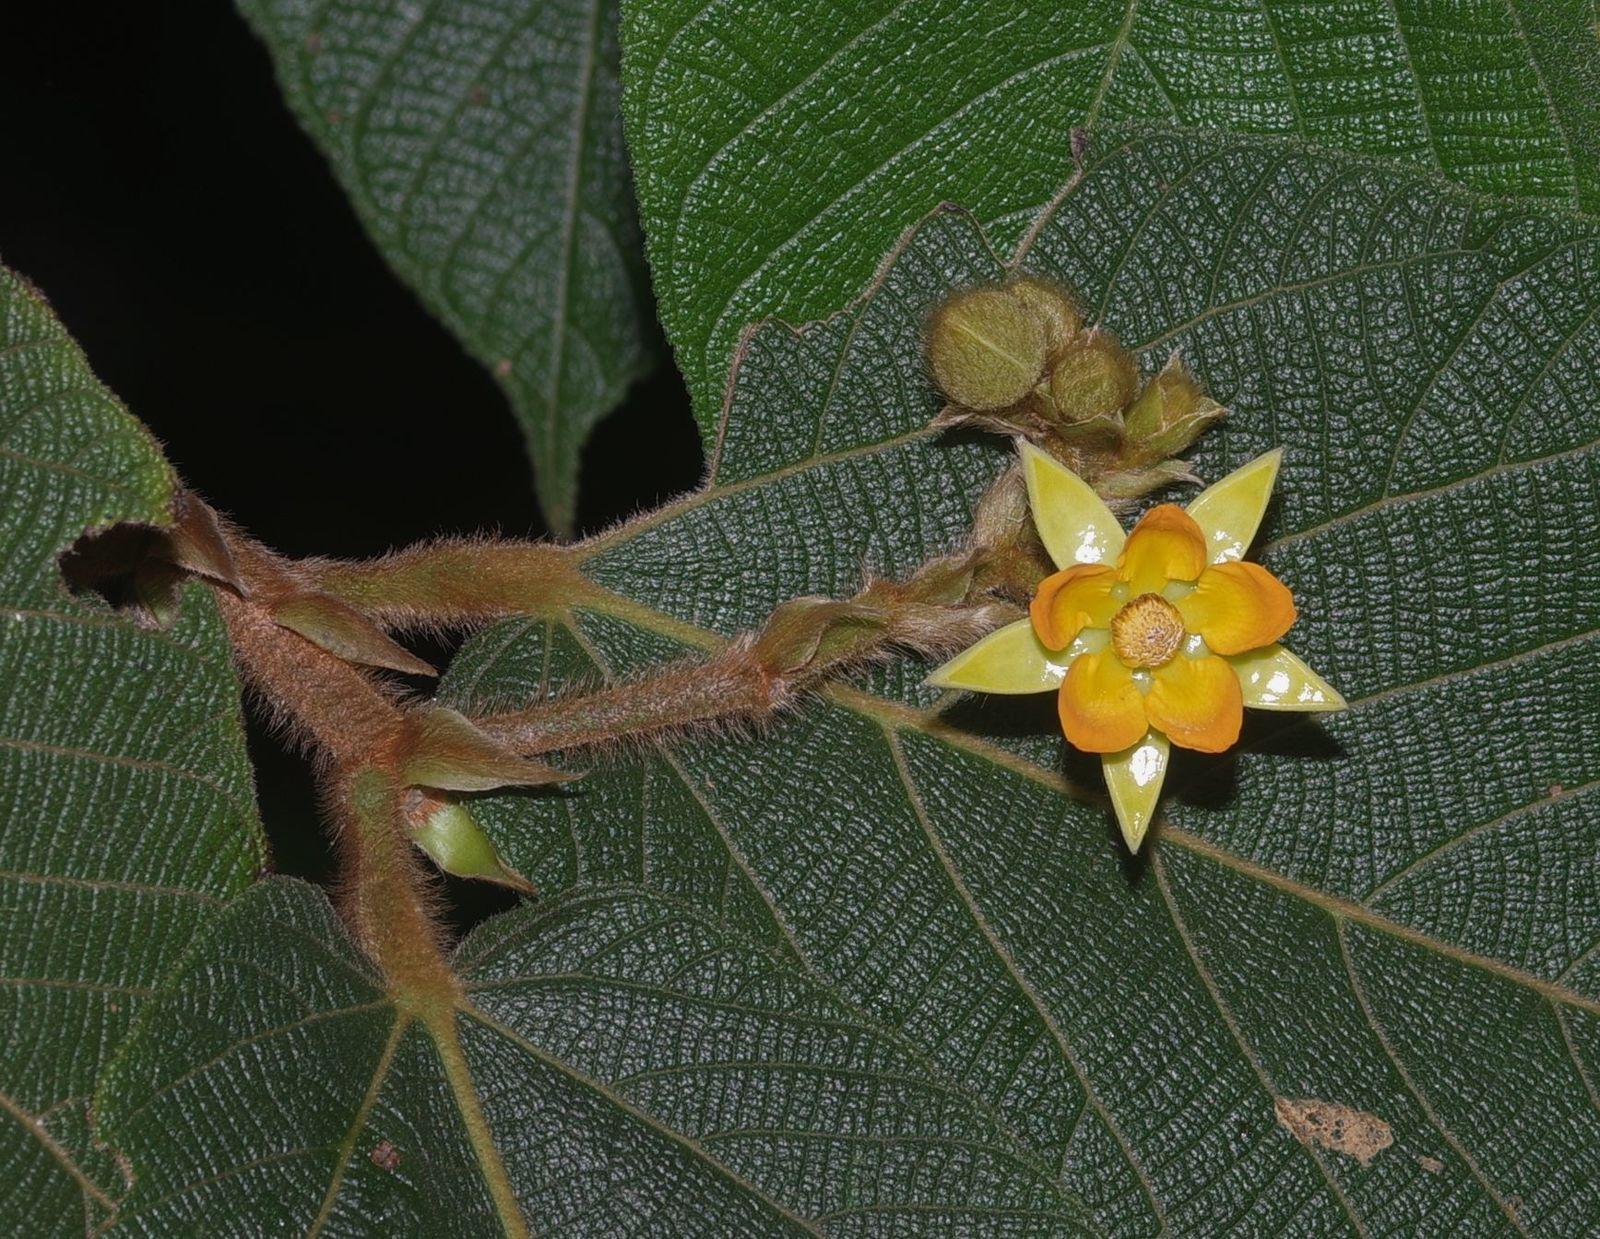 Apeiba tibourbou (bois bouchon, peigne macaque)